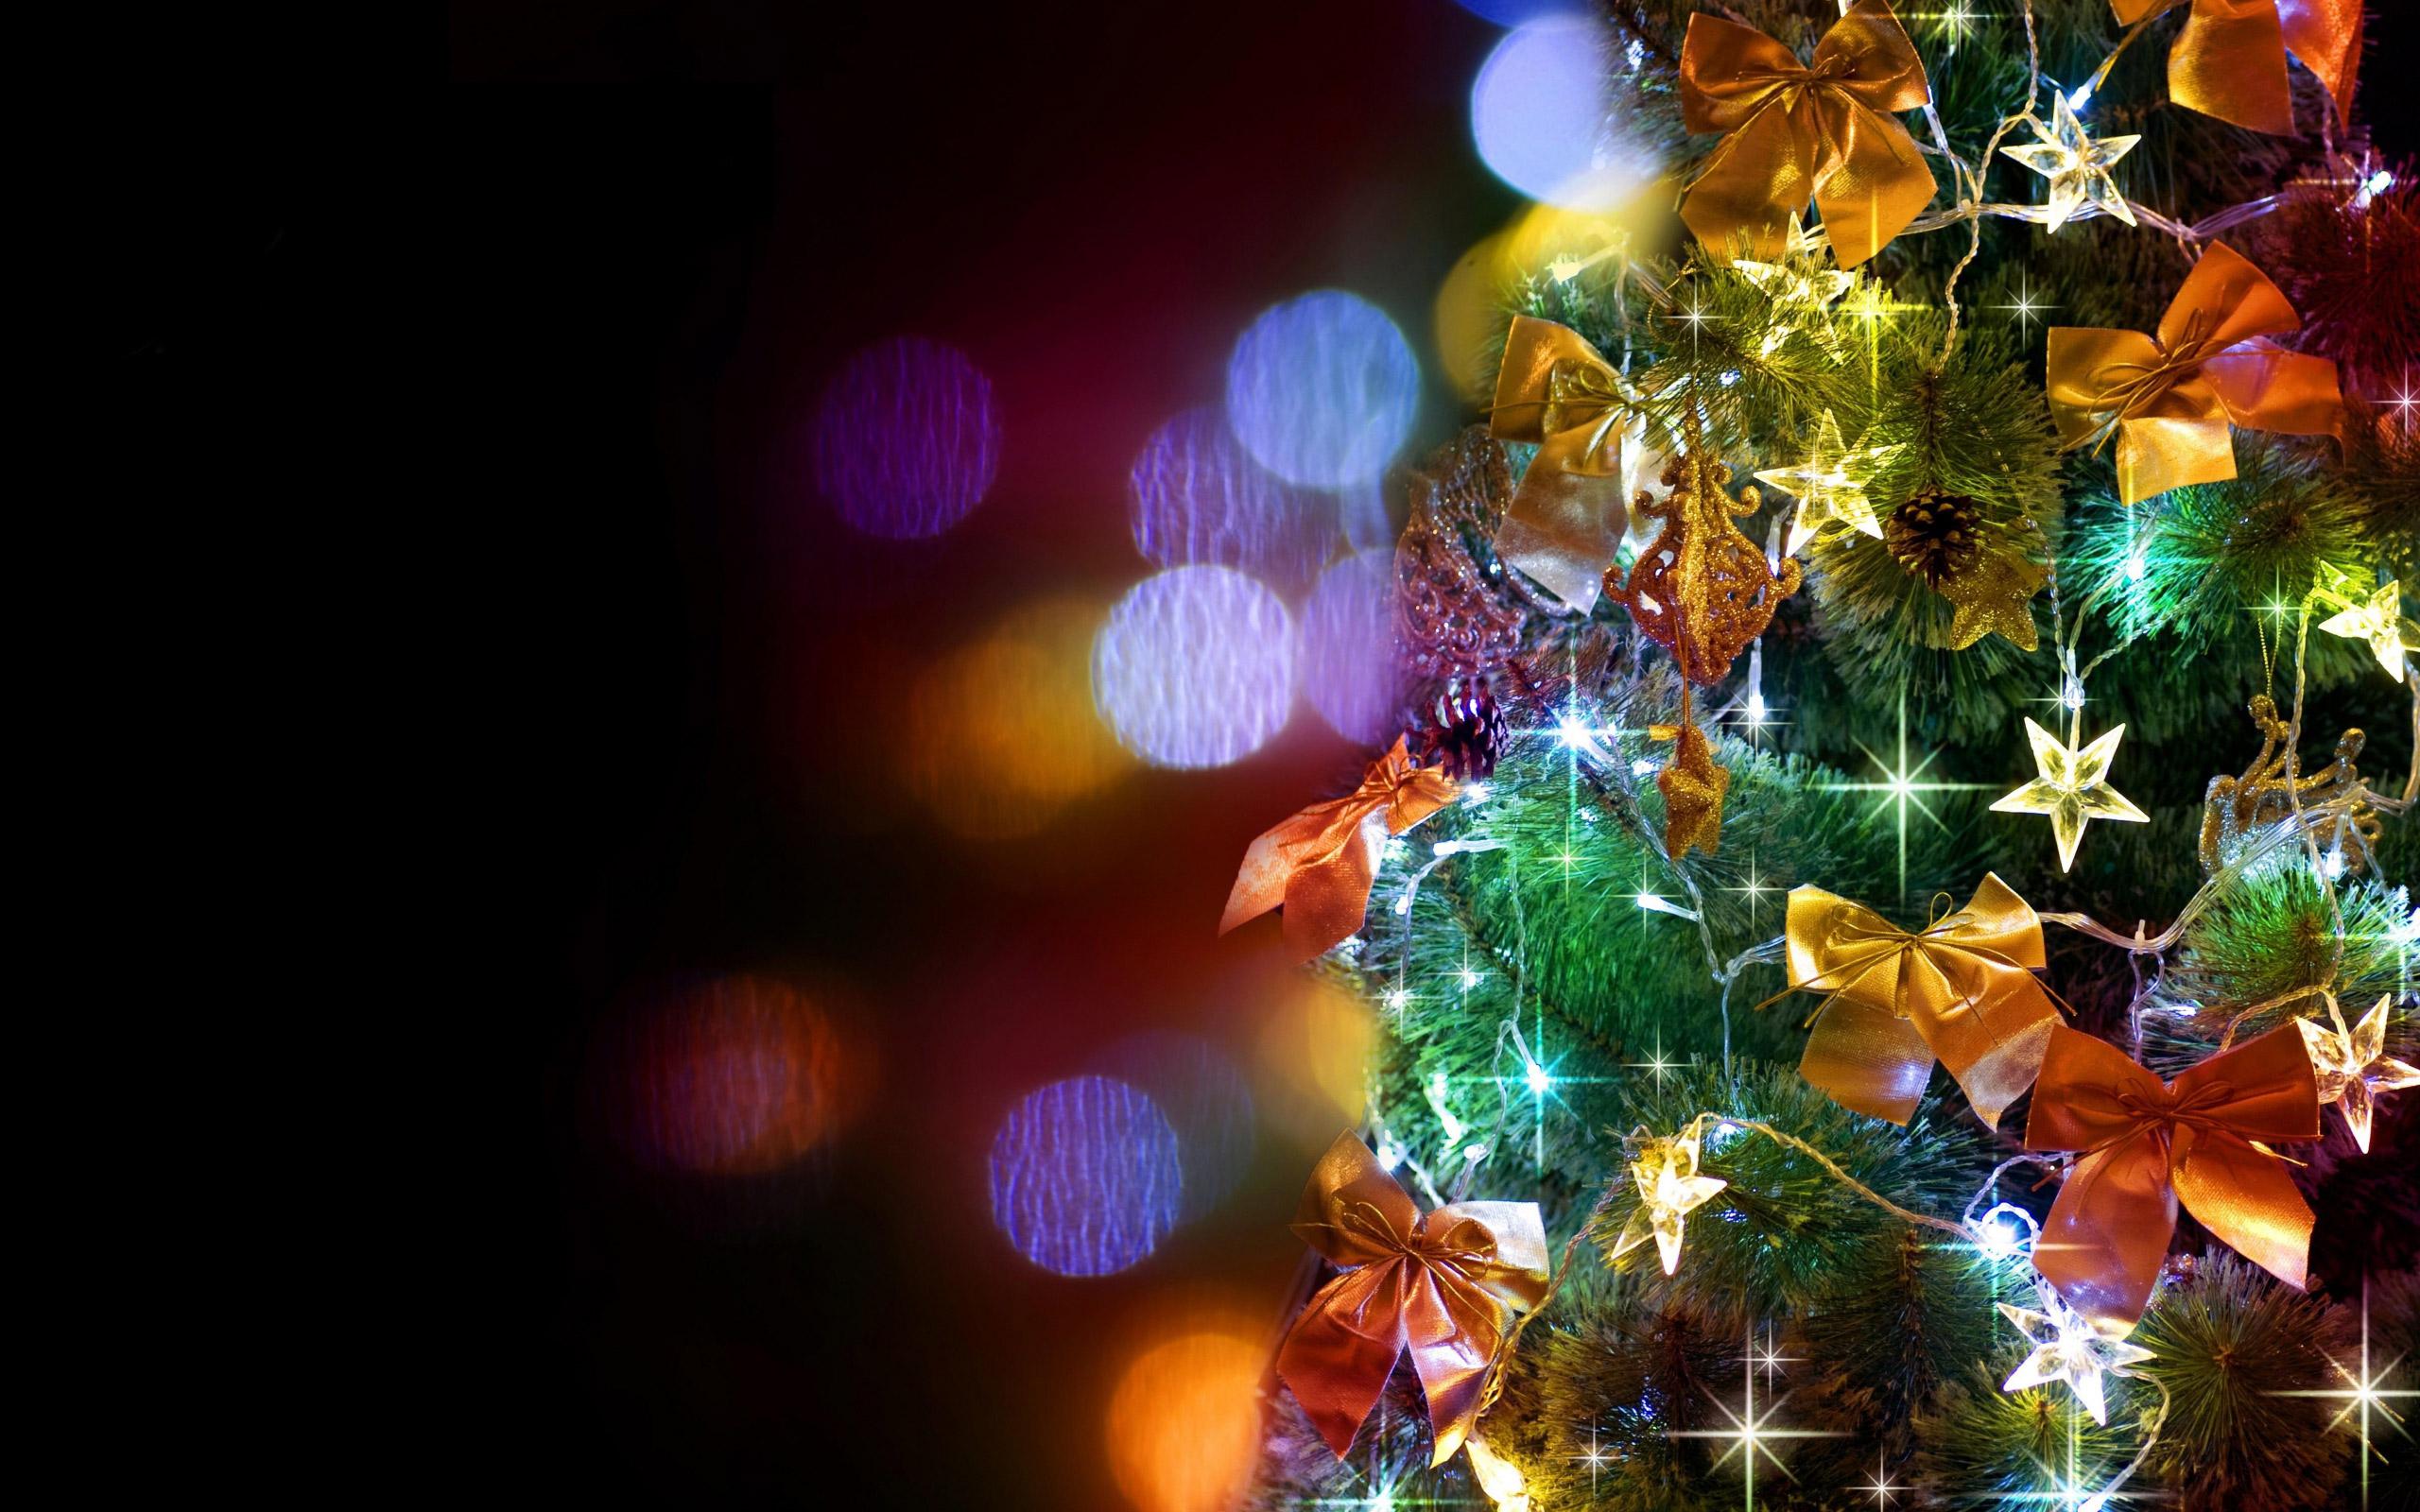 Скачать Бесплатно Красивые Новогодние Обои На Телефон